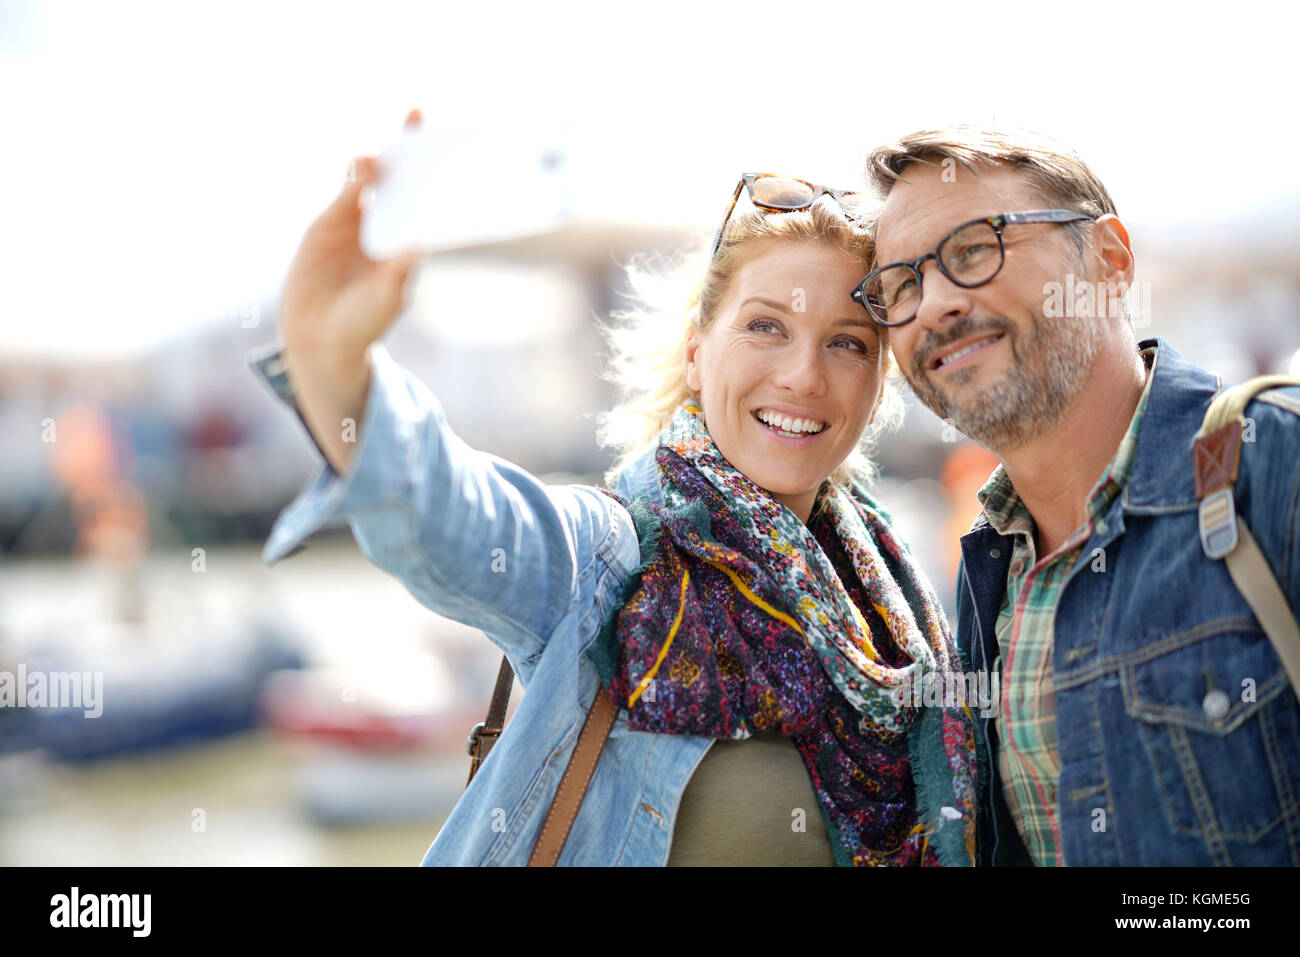 Coppia di turisti in vacanza prendendo selfie foto con lo smartphone Immagini Stock